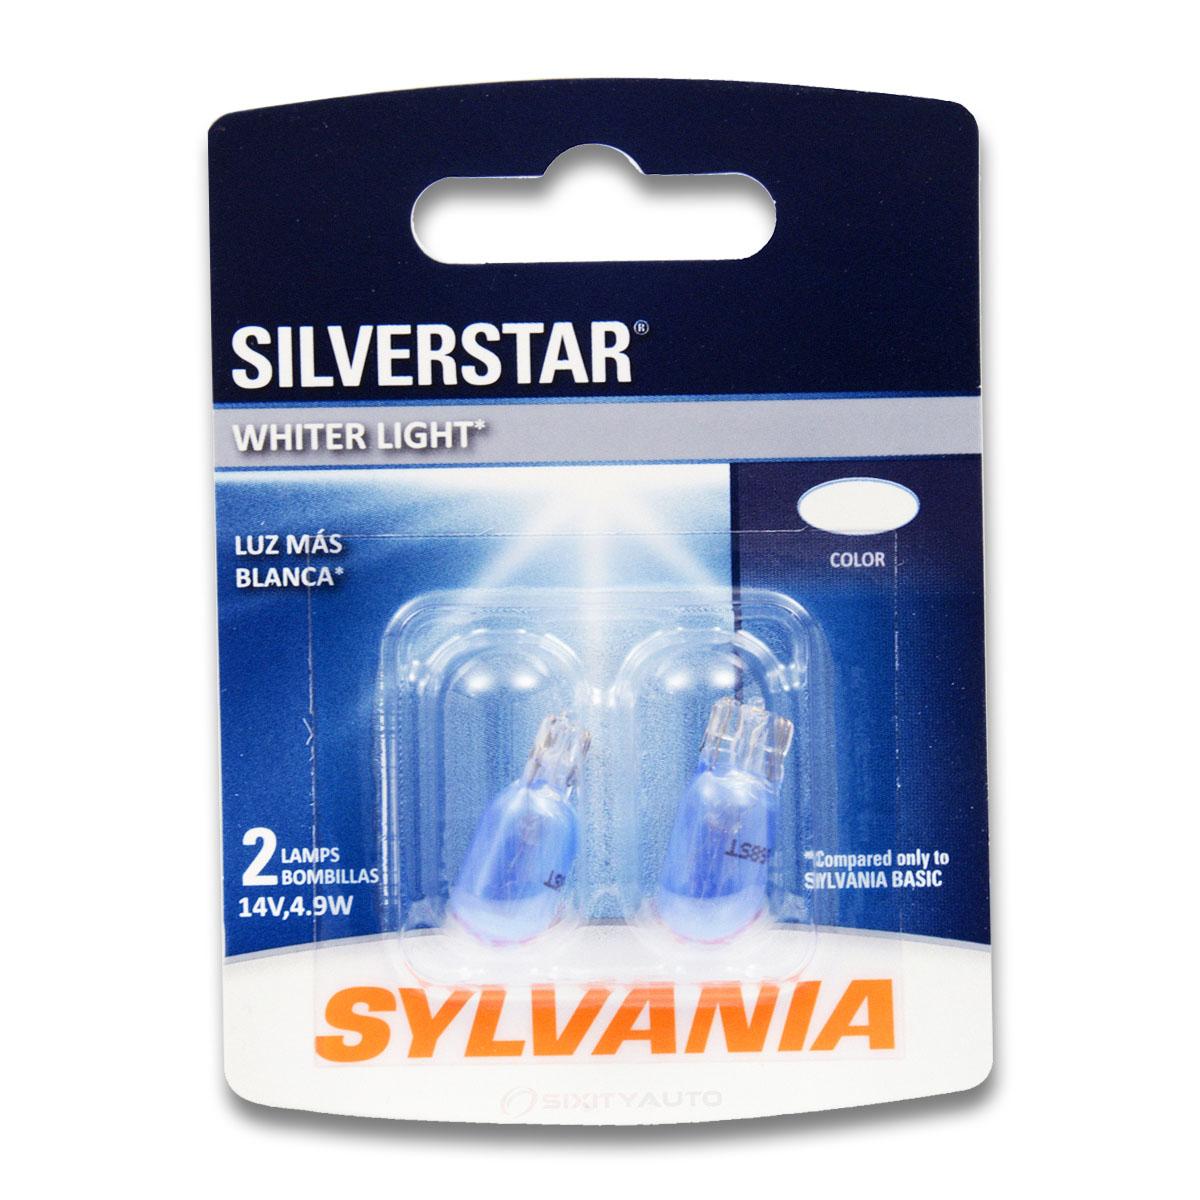 Sylvania SilverStar Parking Light Bulb For Acura ILX